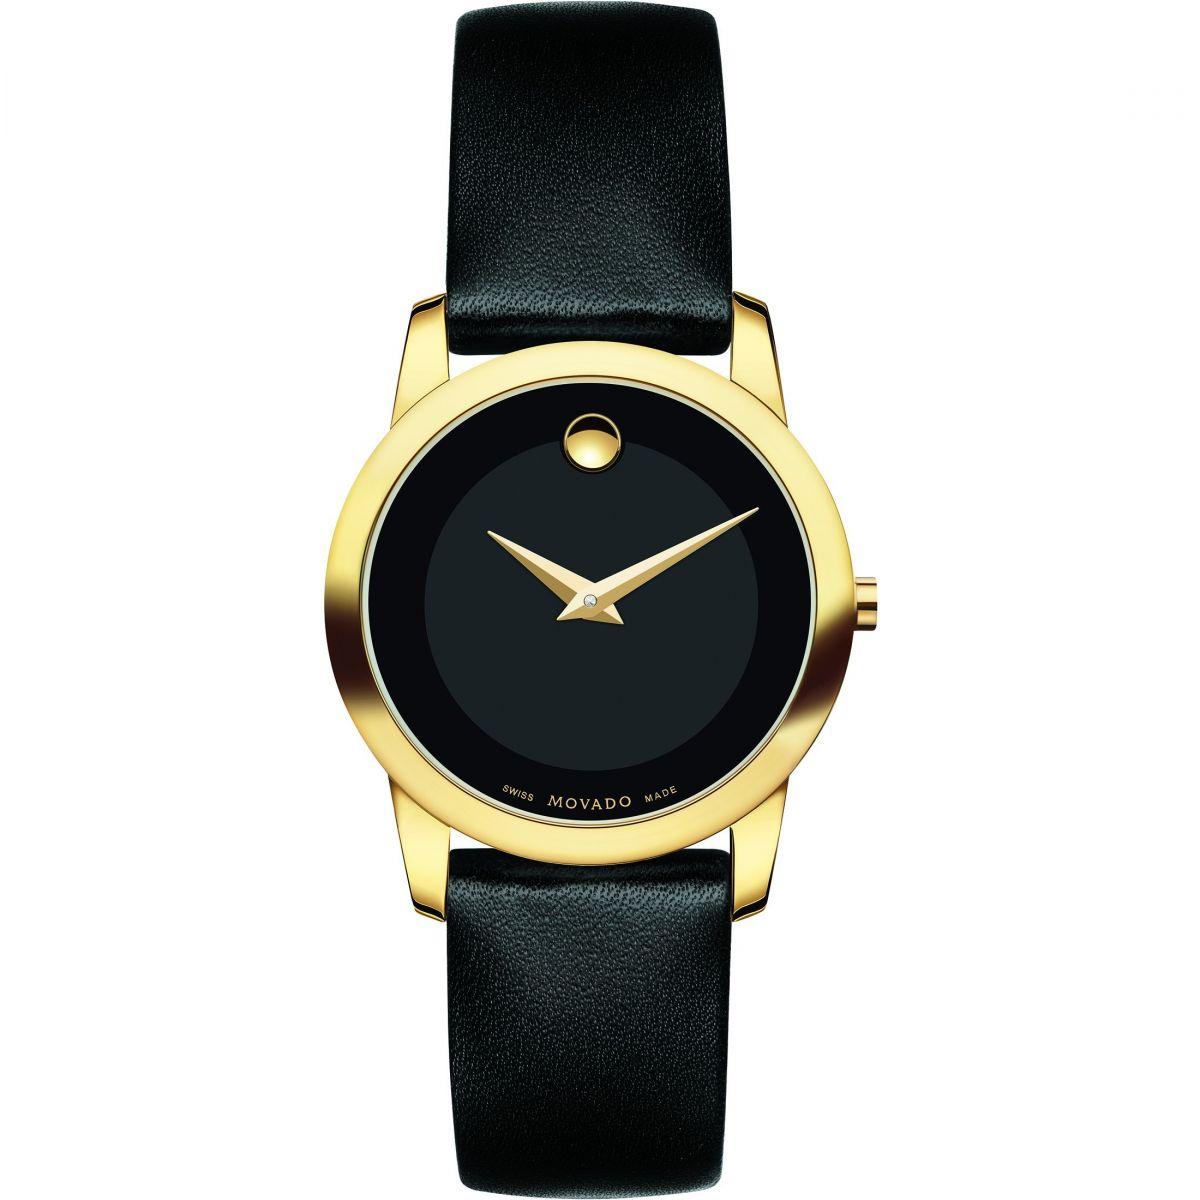 Relojes movado para mujer precios